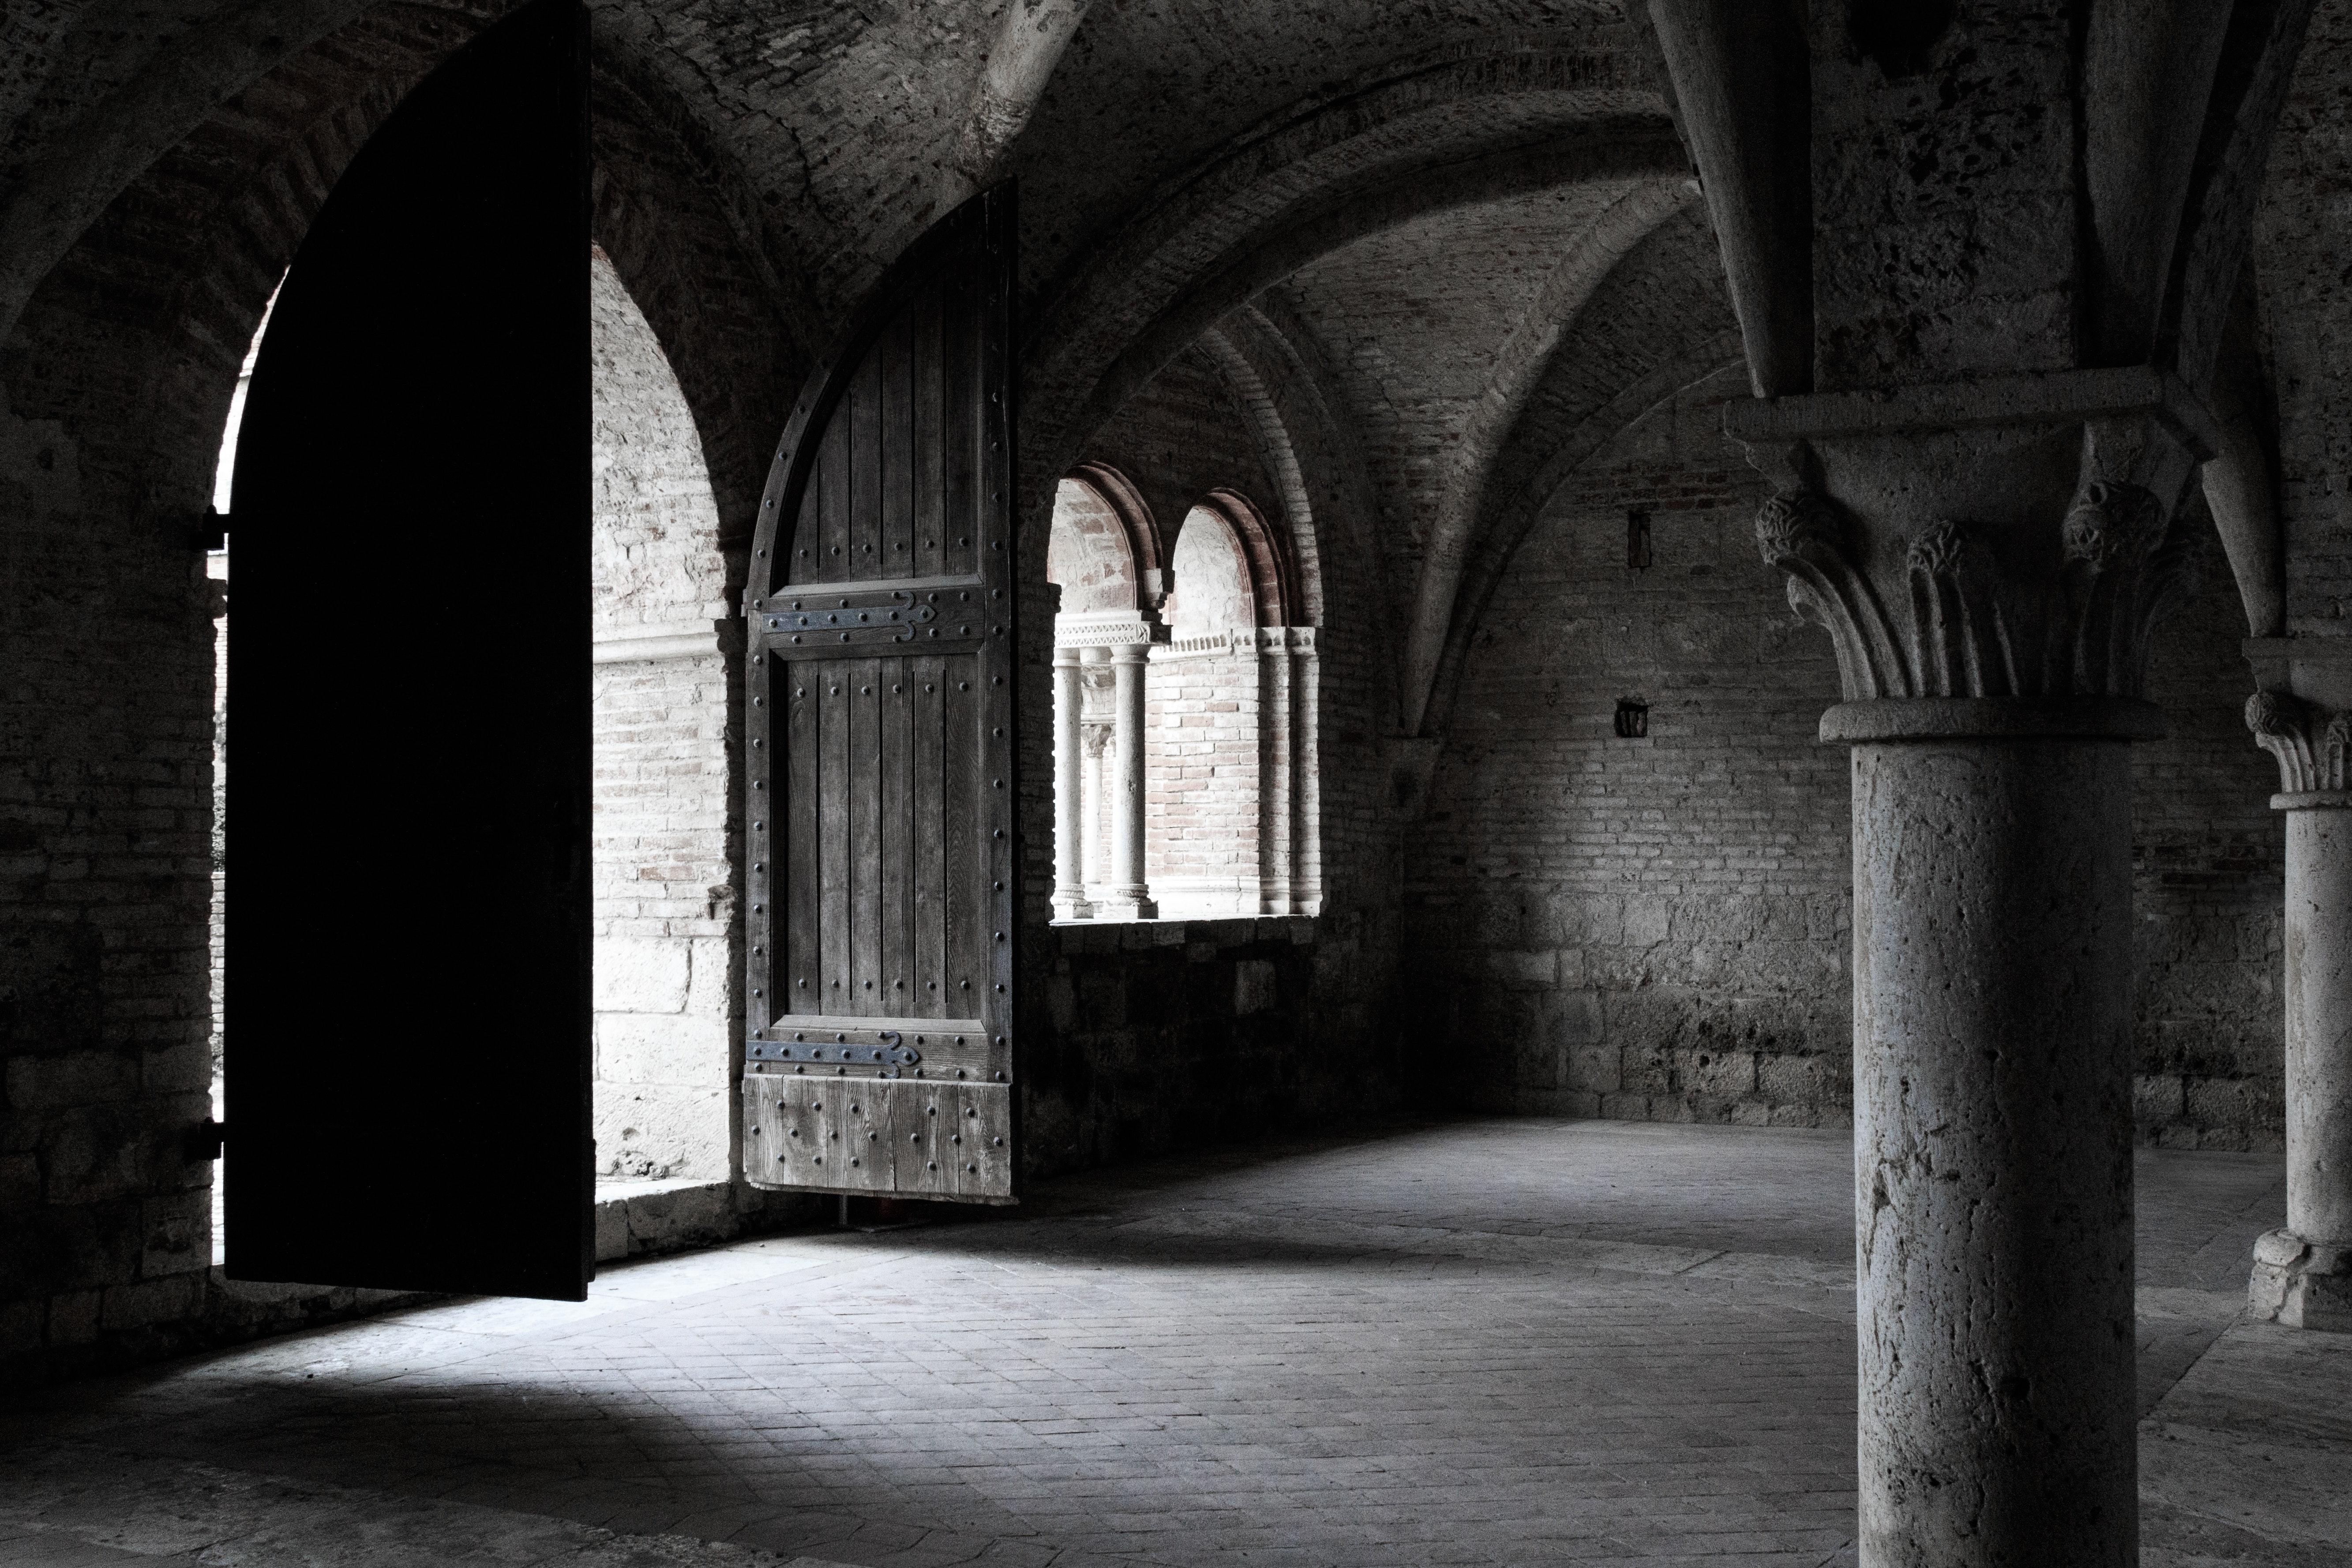 Gray concrete column inside vintage building photo